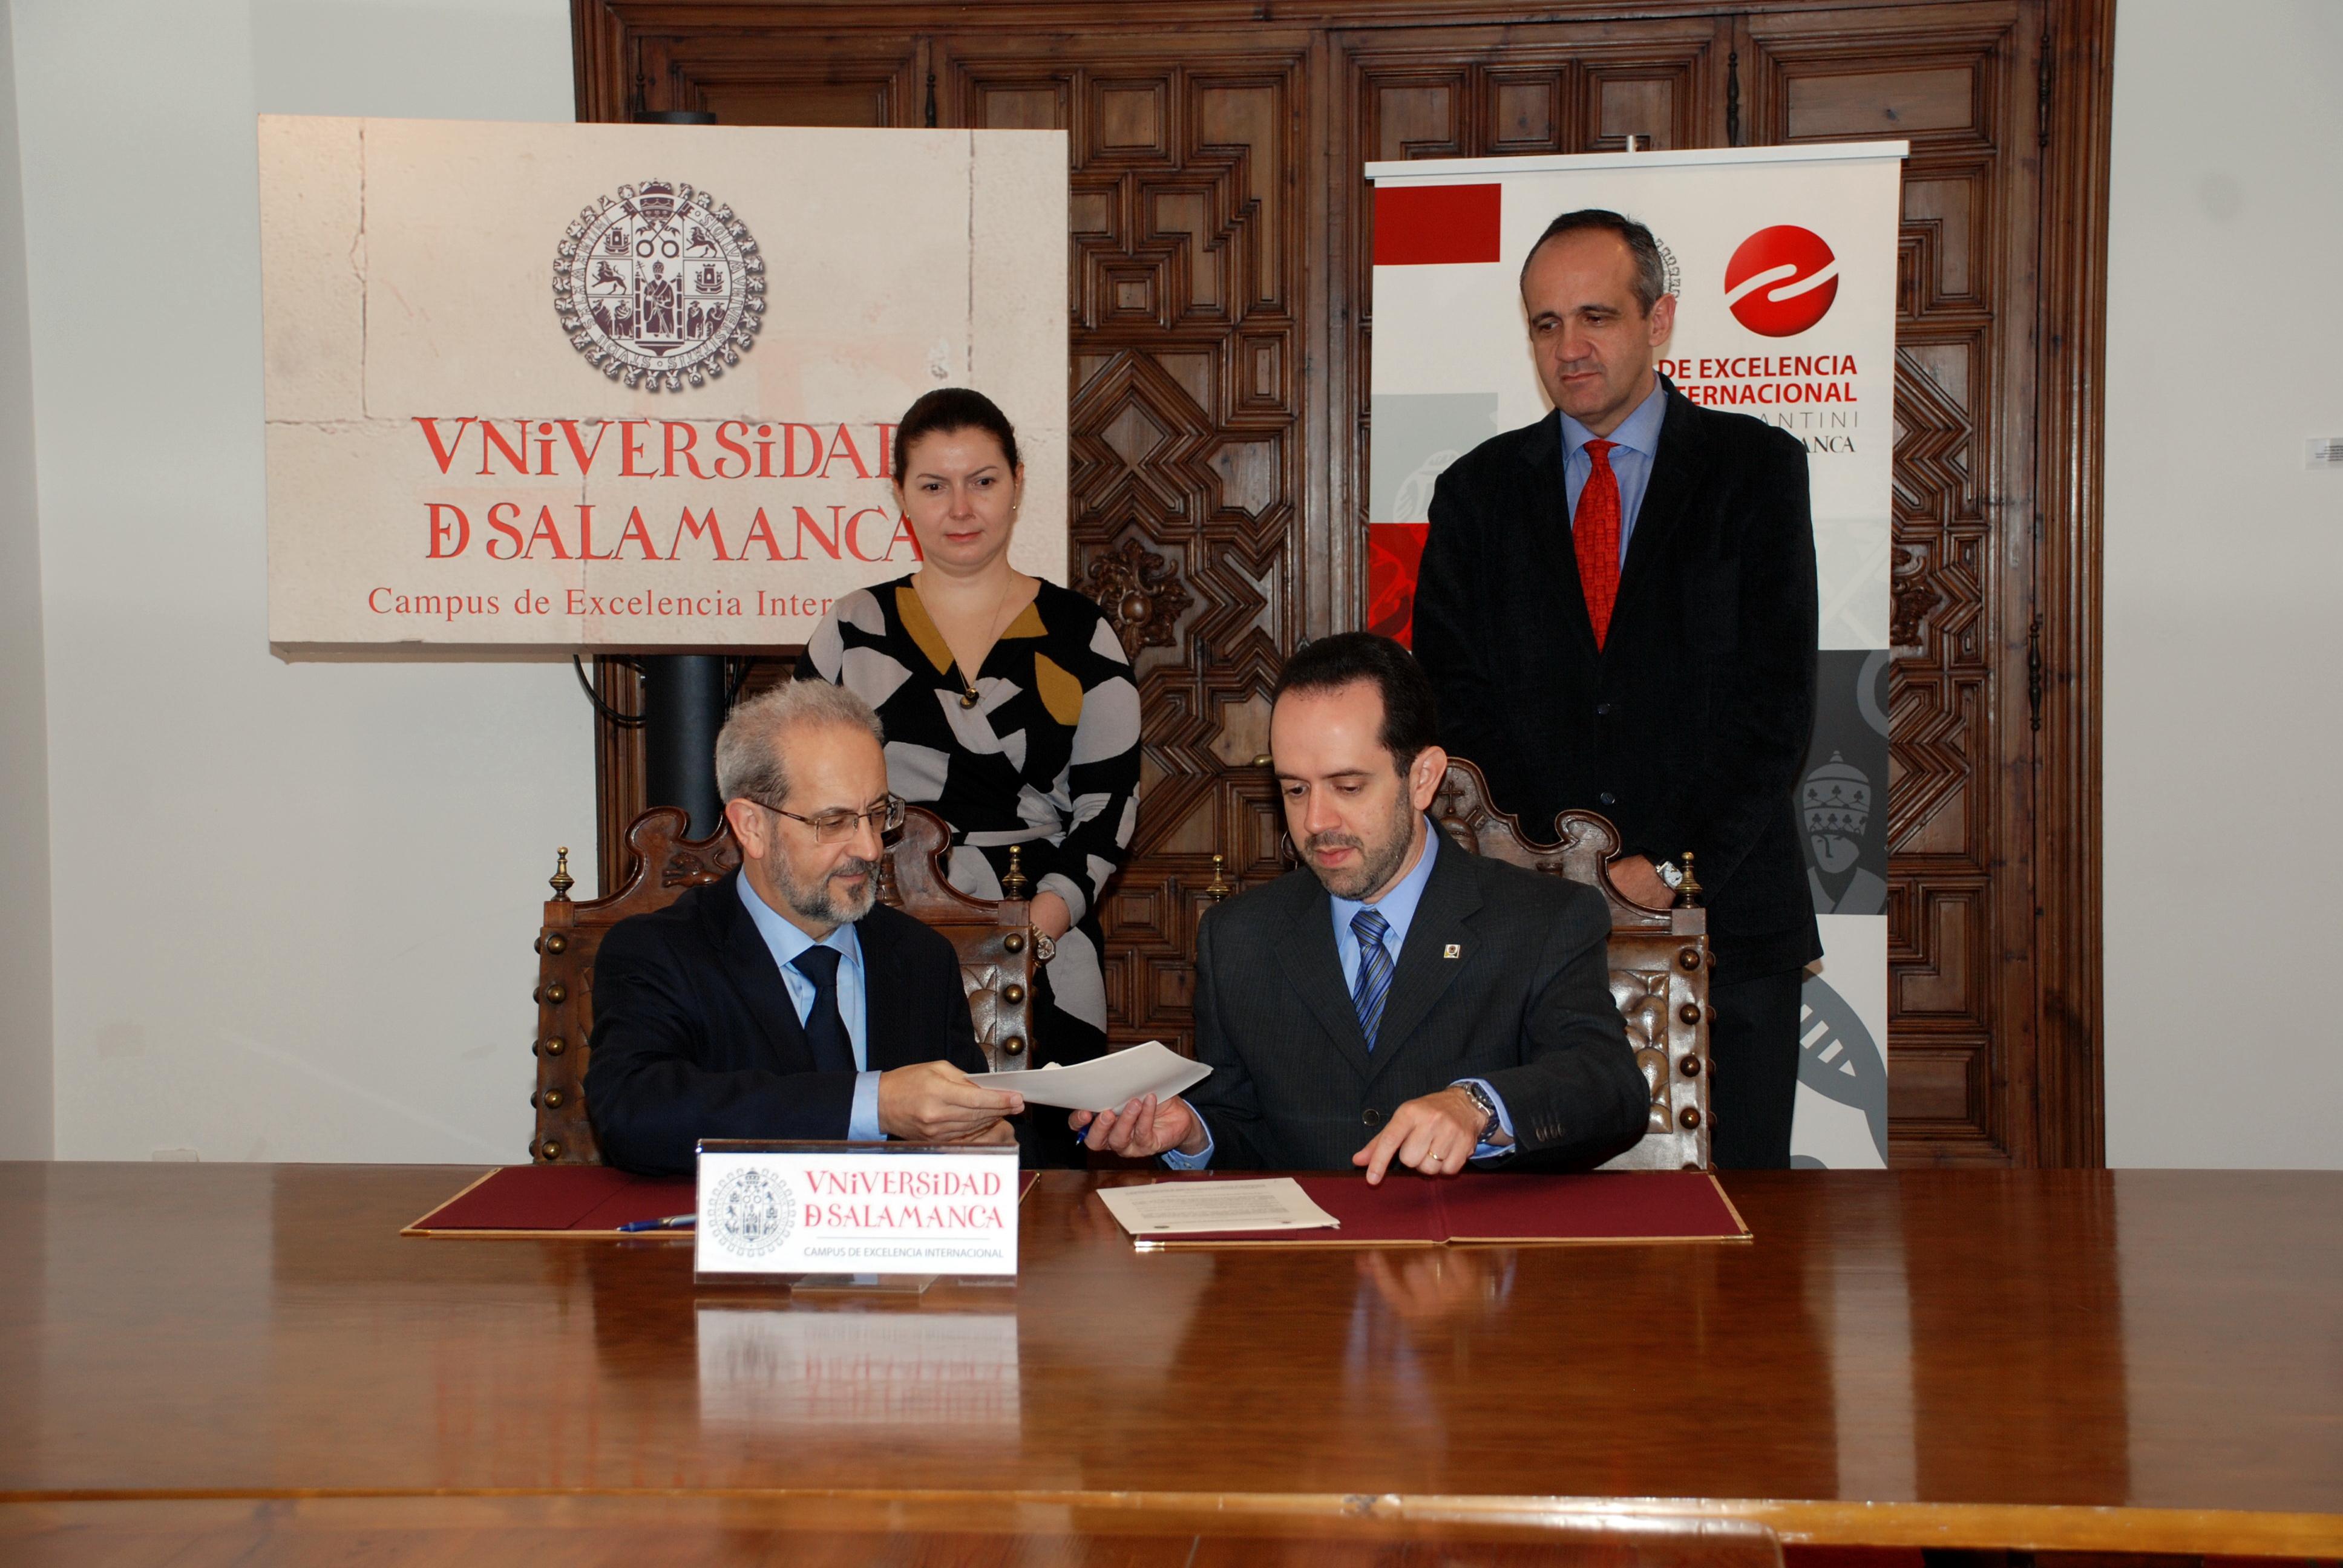 La Universidad de Salamanca y la Contraloría General de la Unión de Brasil suscriben un convenio de colaboración